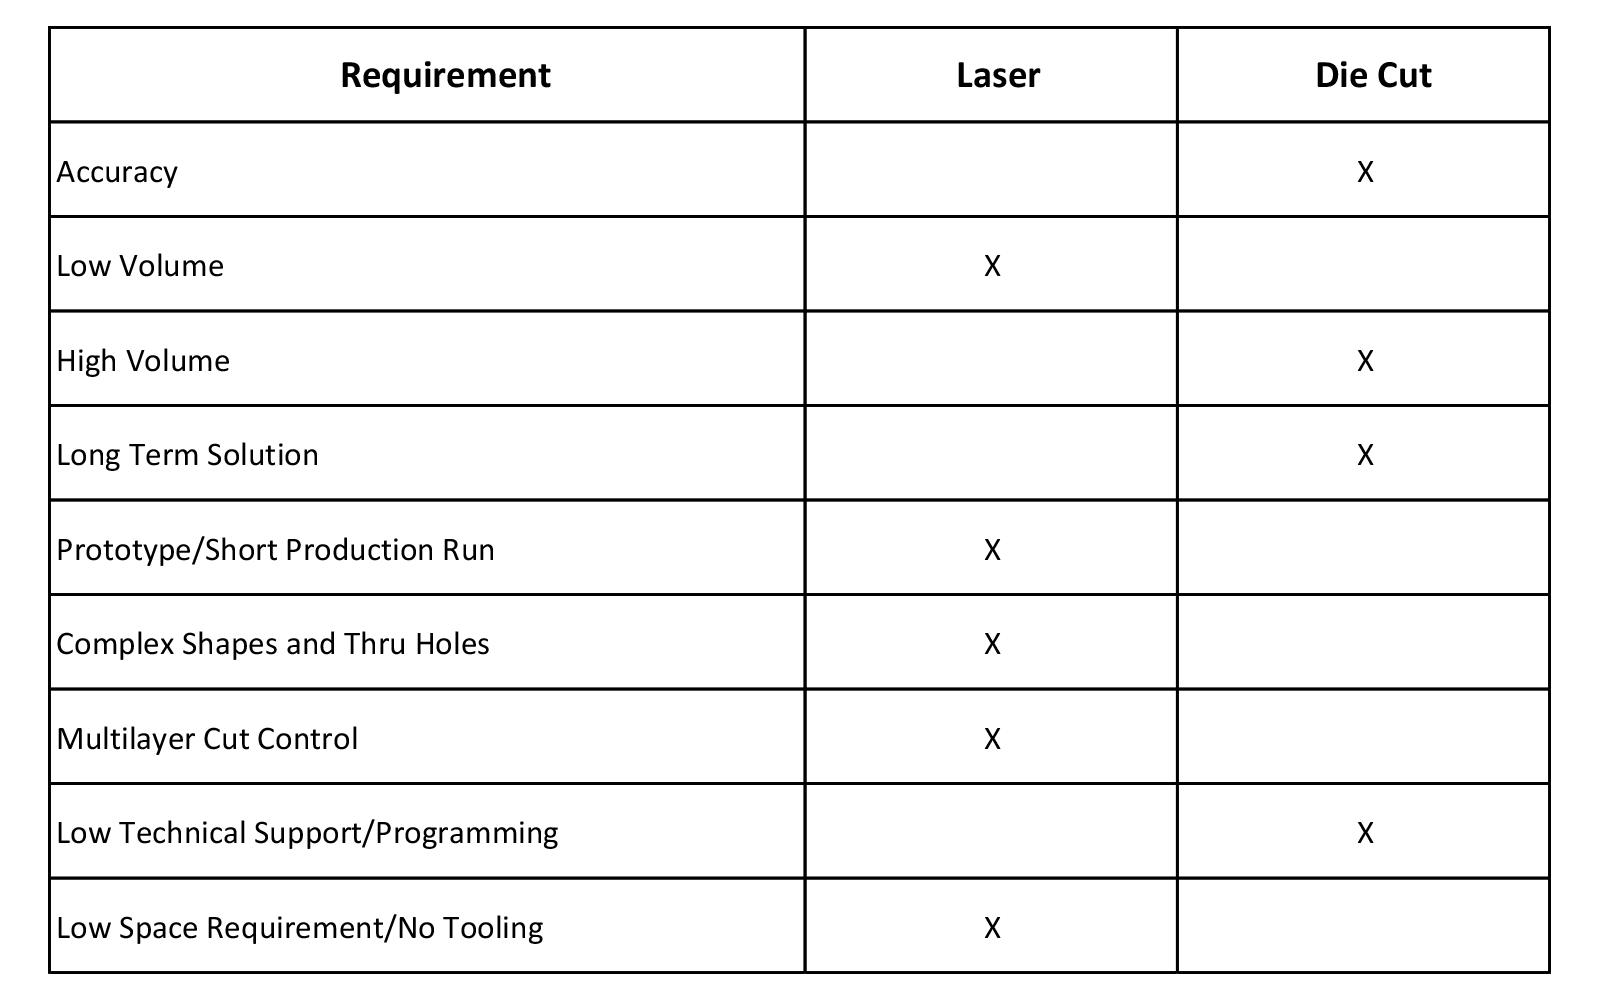 Laser v Die Cut Chart.png